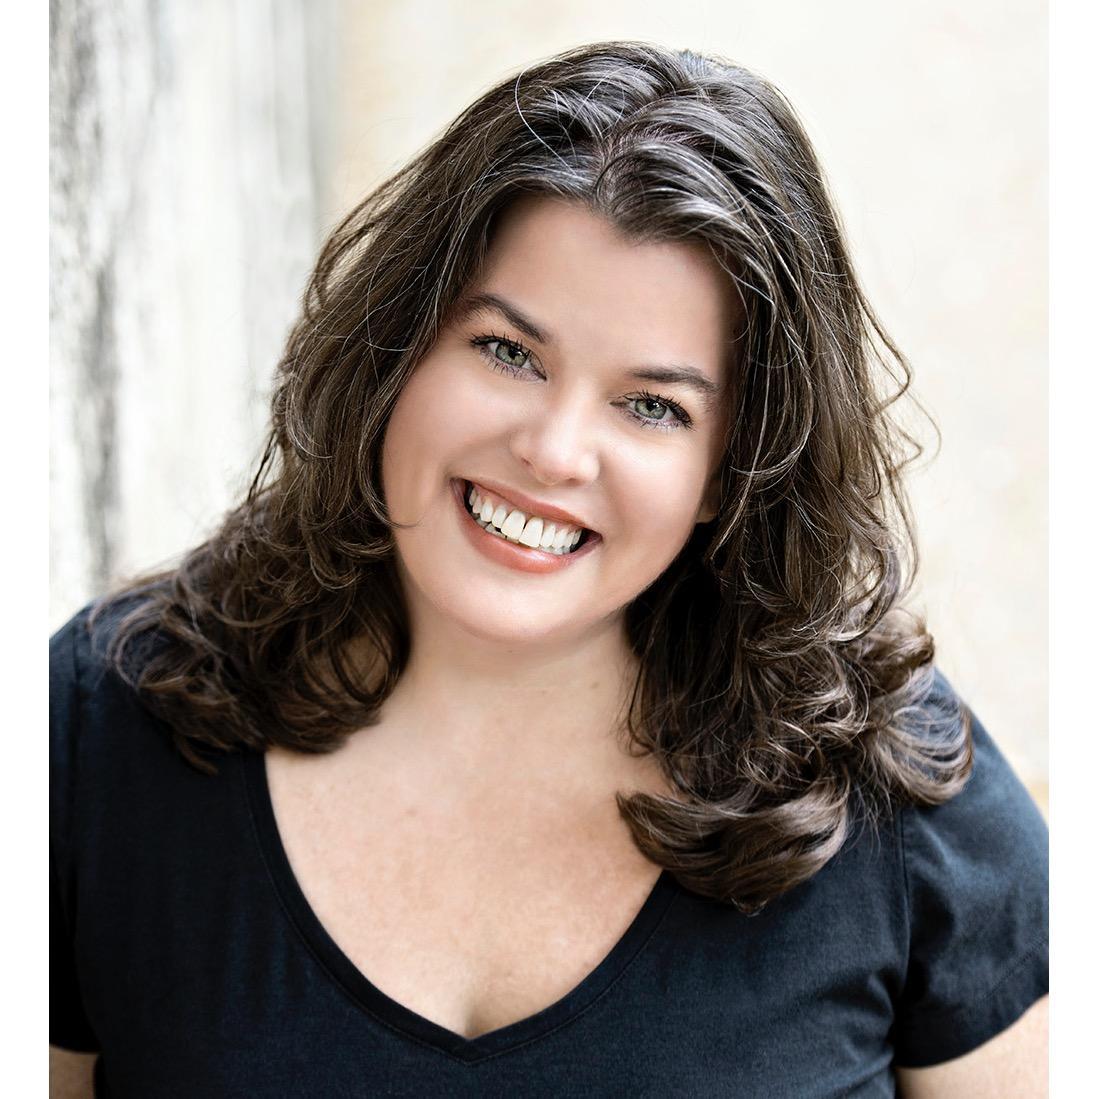 Liz Daley Events - Williamsburg, VA 23188 - (757)566-4530 | ShowMeLocal.com